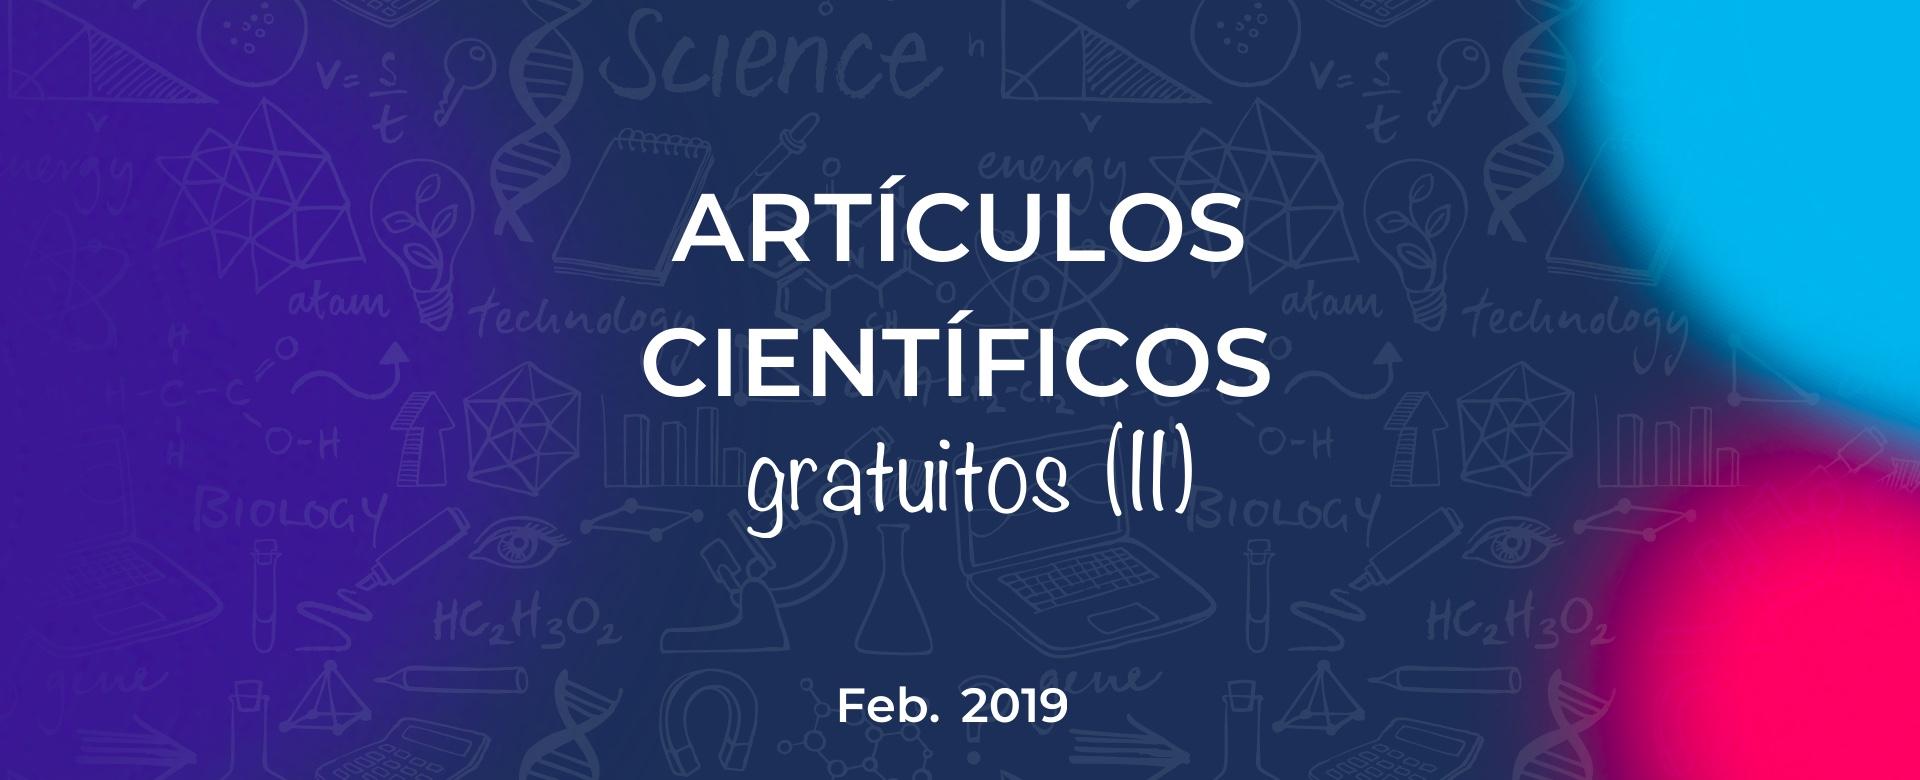 Artículos científicos gratuitos (II) – Febrero 2019